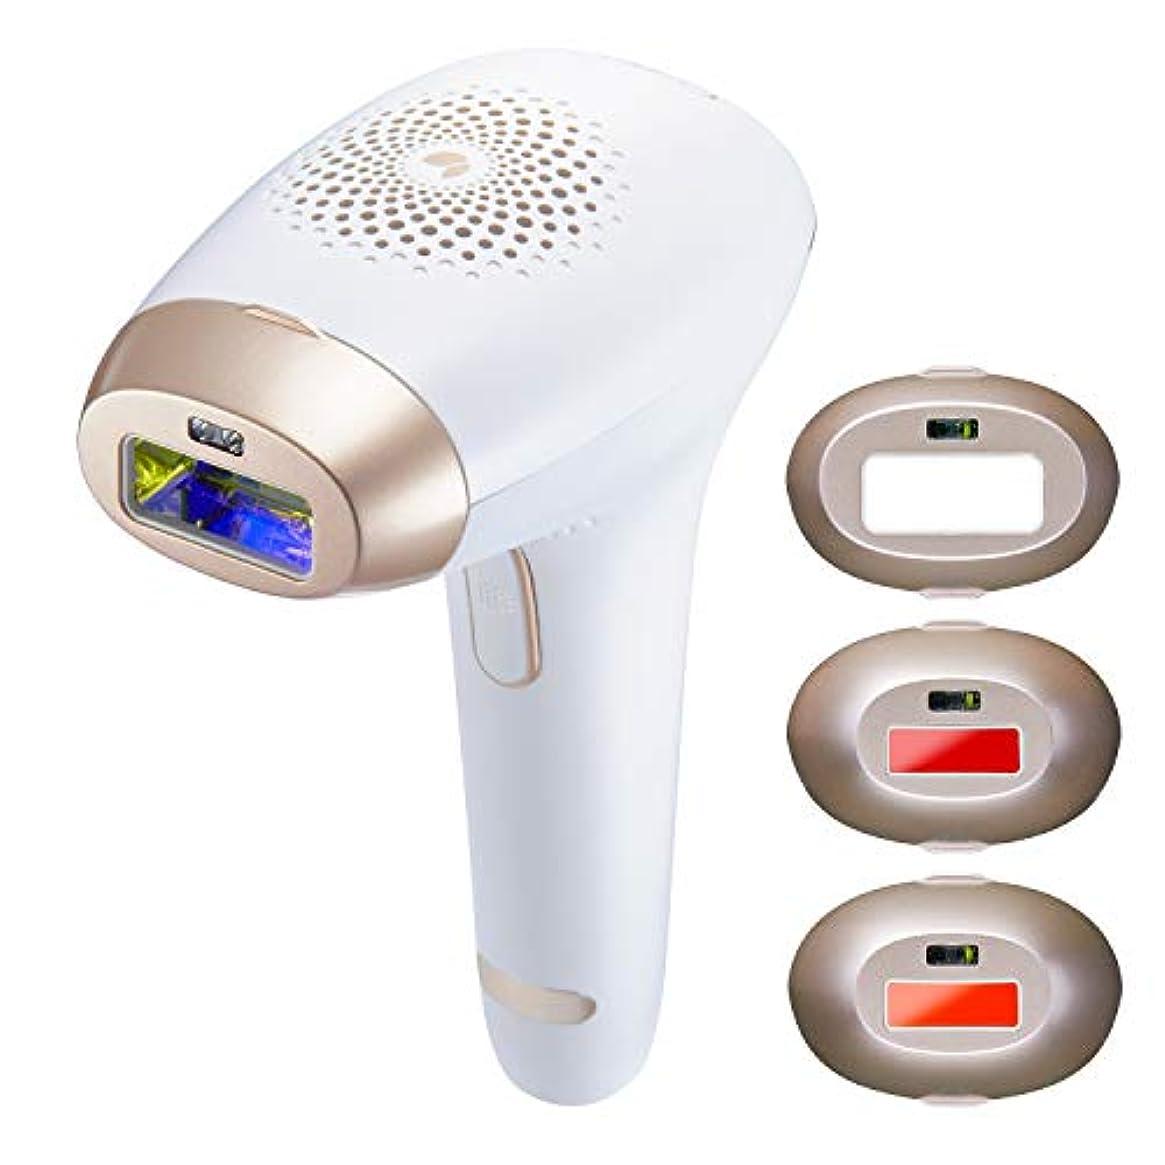 アロング牽引フォージCOSBEAUTY IPL光美容器 Joy Version CB-027-W01 30万回照射 1年保証 コスビューティー パーフェクトスムース